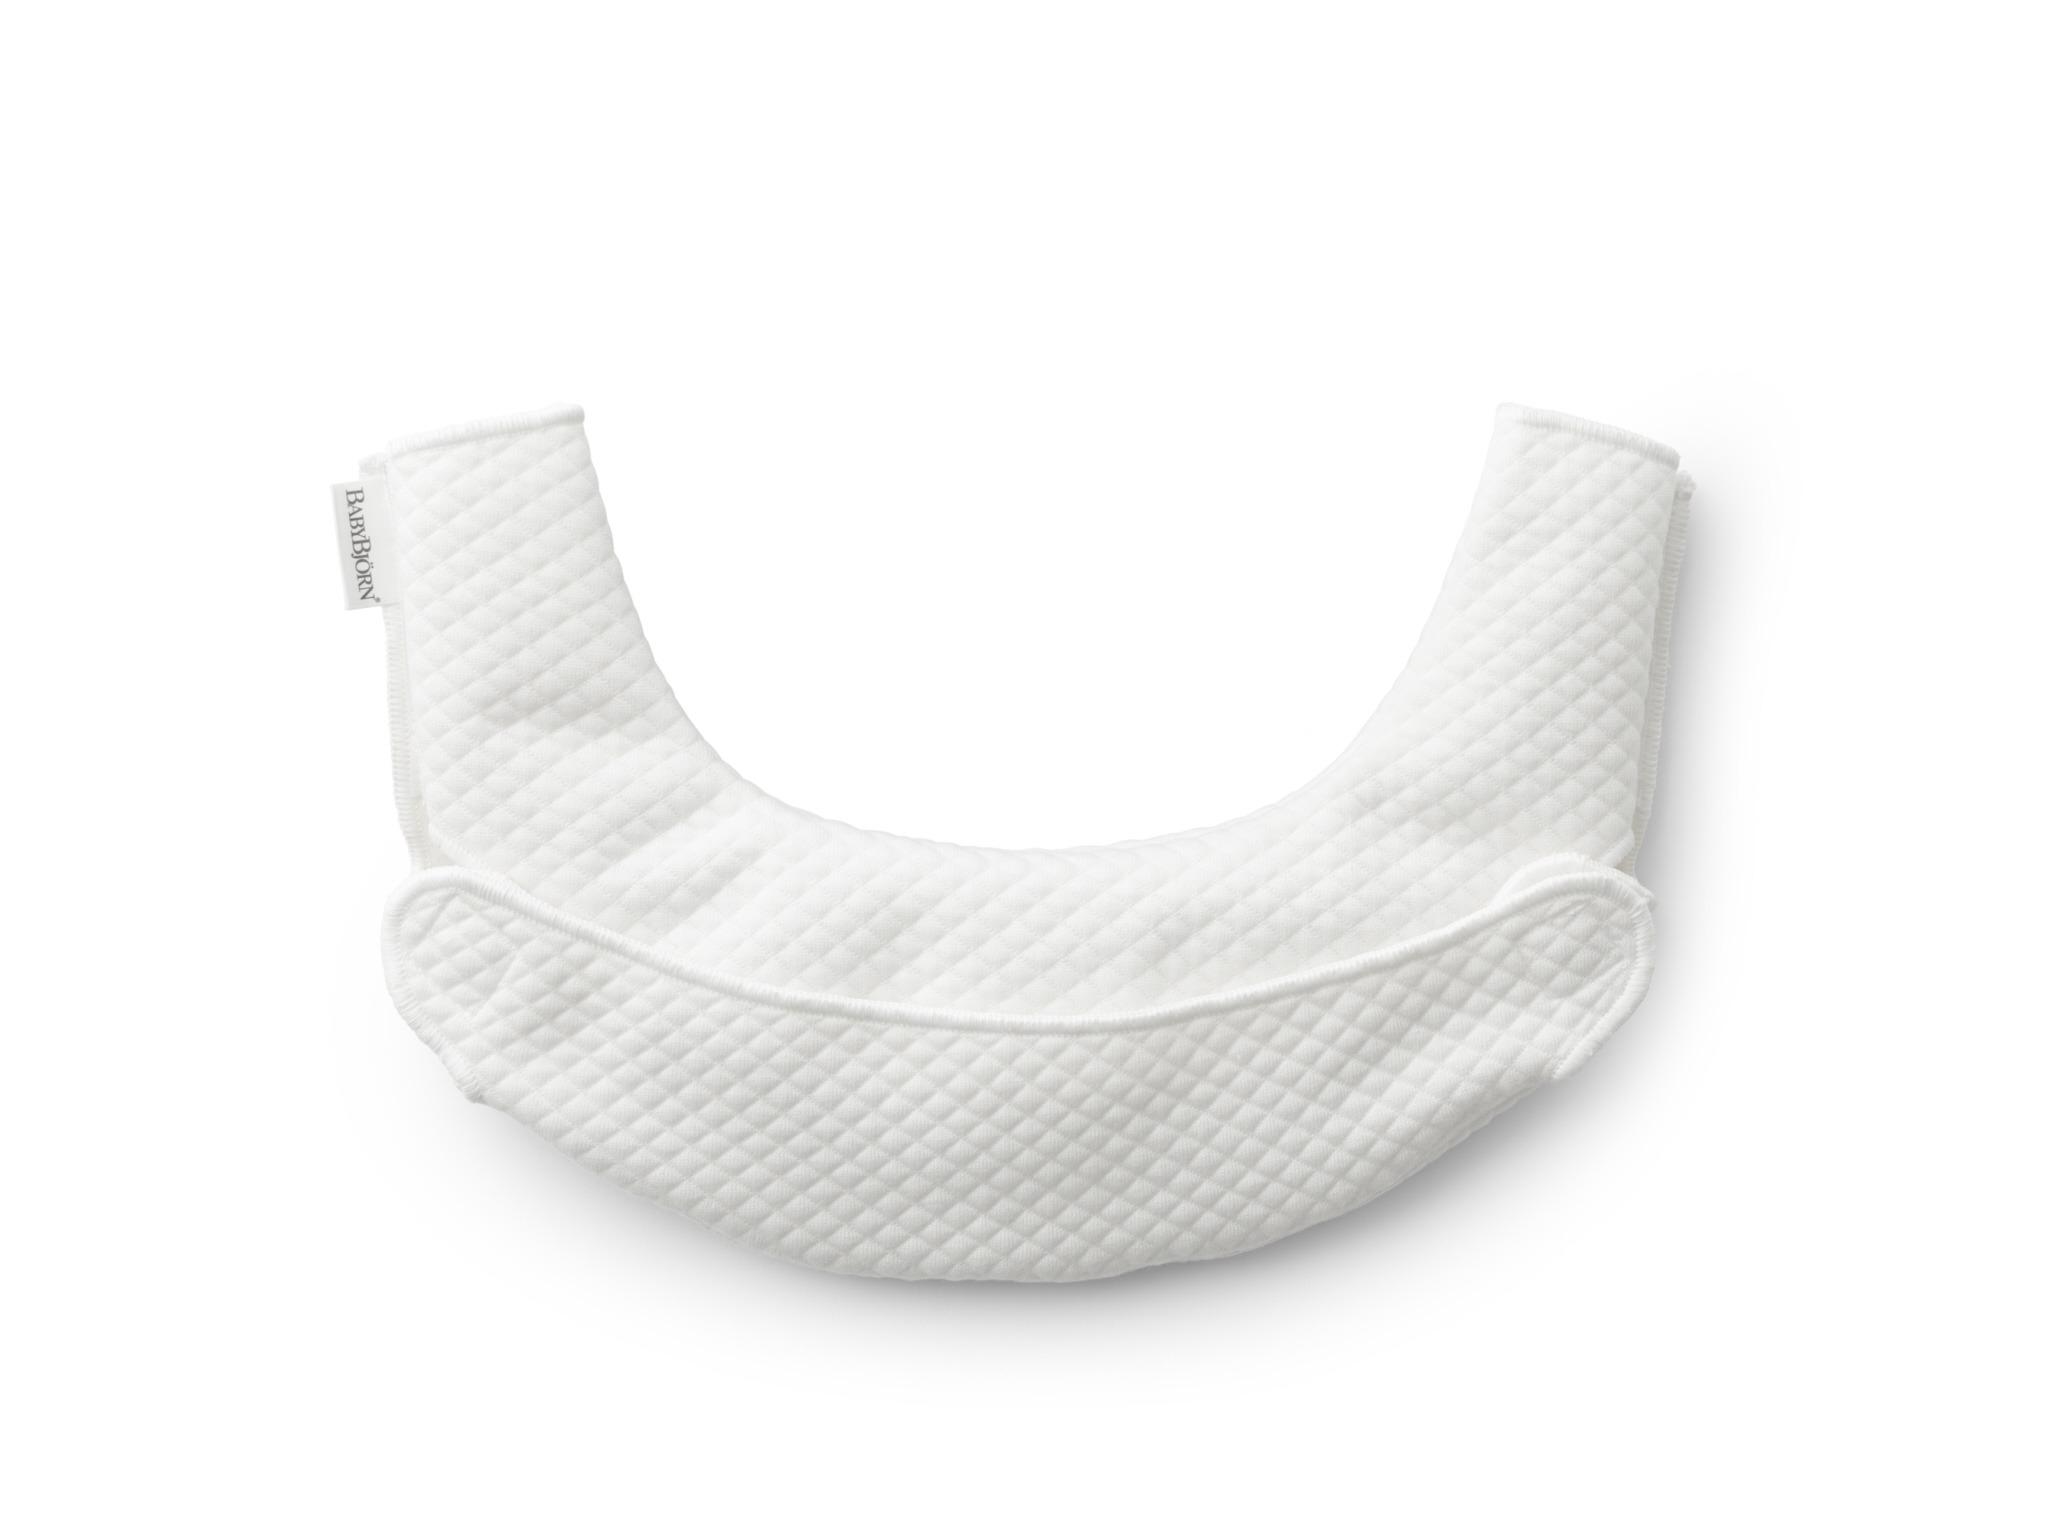 BABYBJORN - śliniaczek do nosidełka ergonomicznego BABYBJORN One, biały